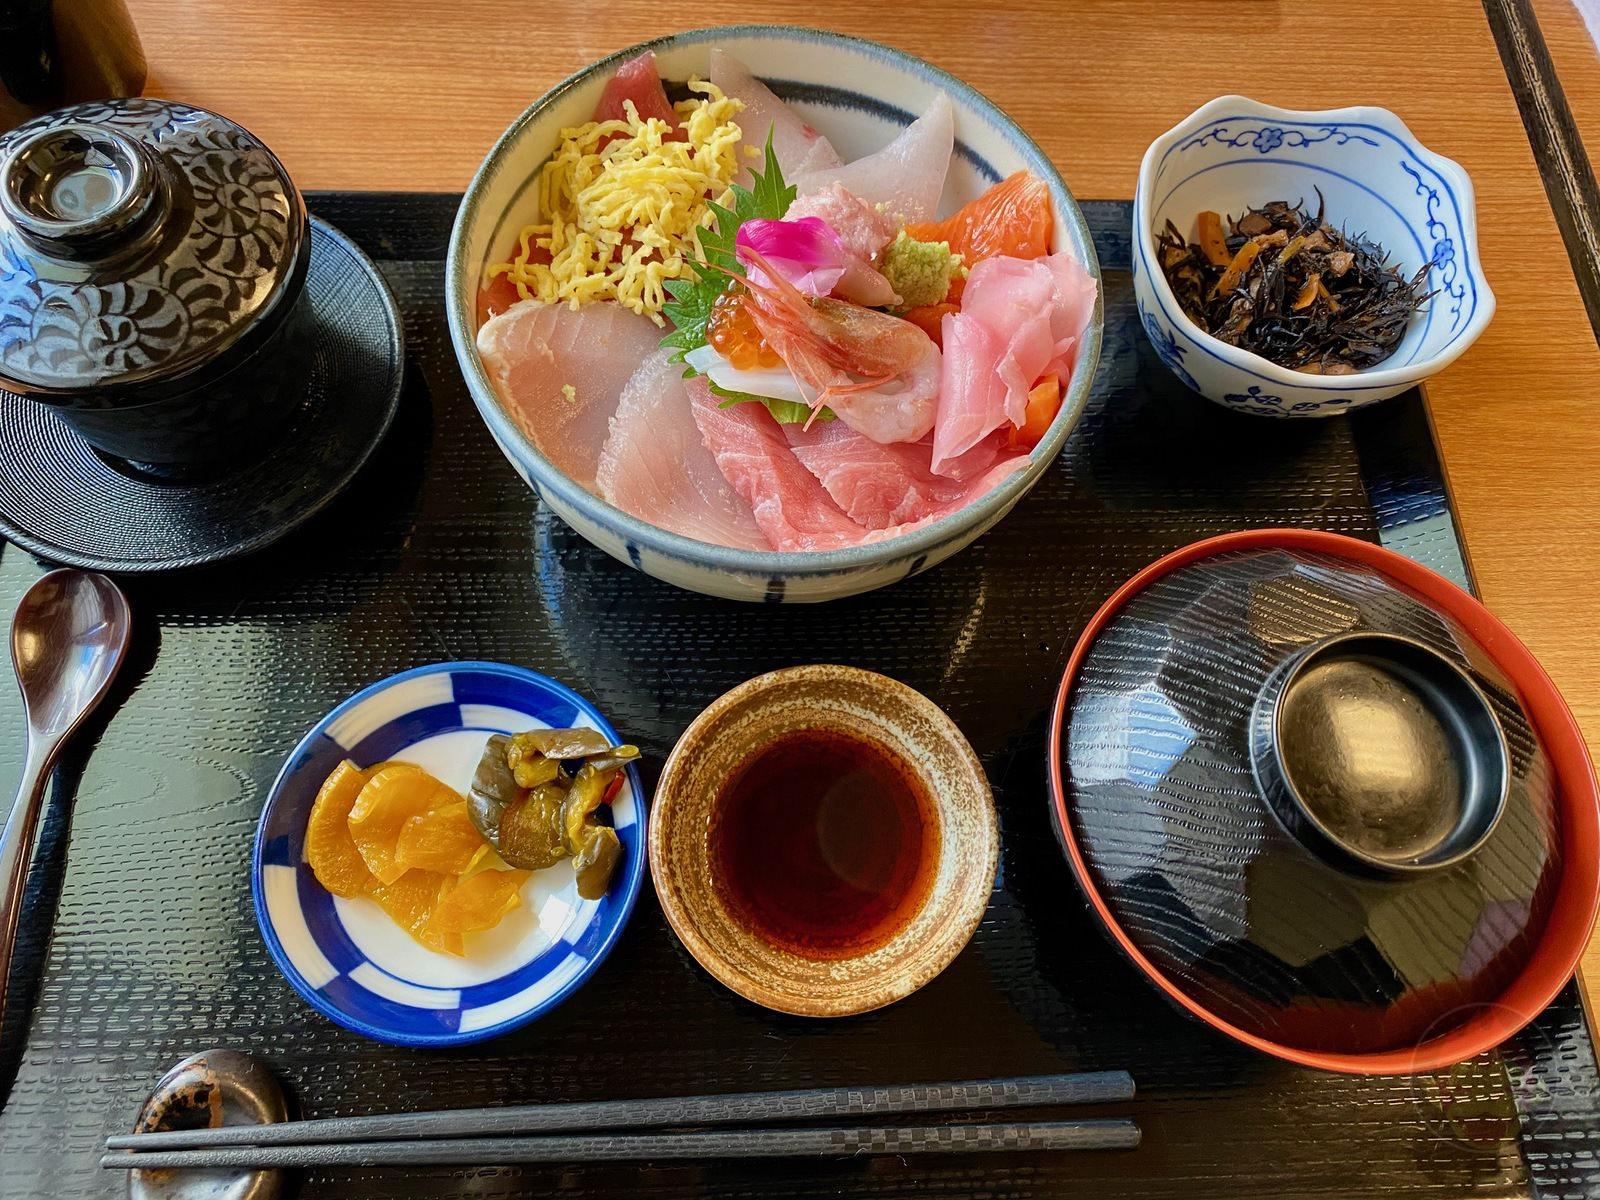 Atami Fukuro Lunch 12